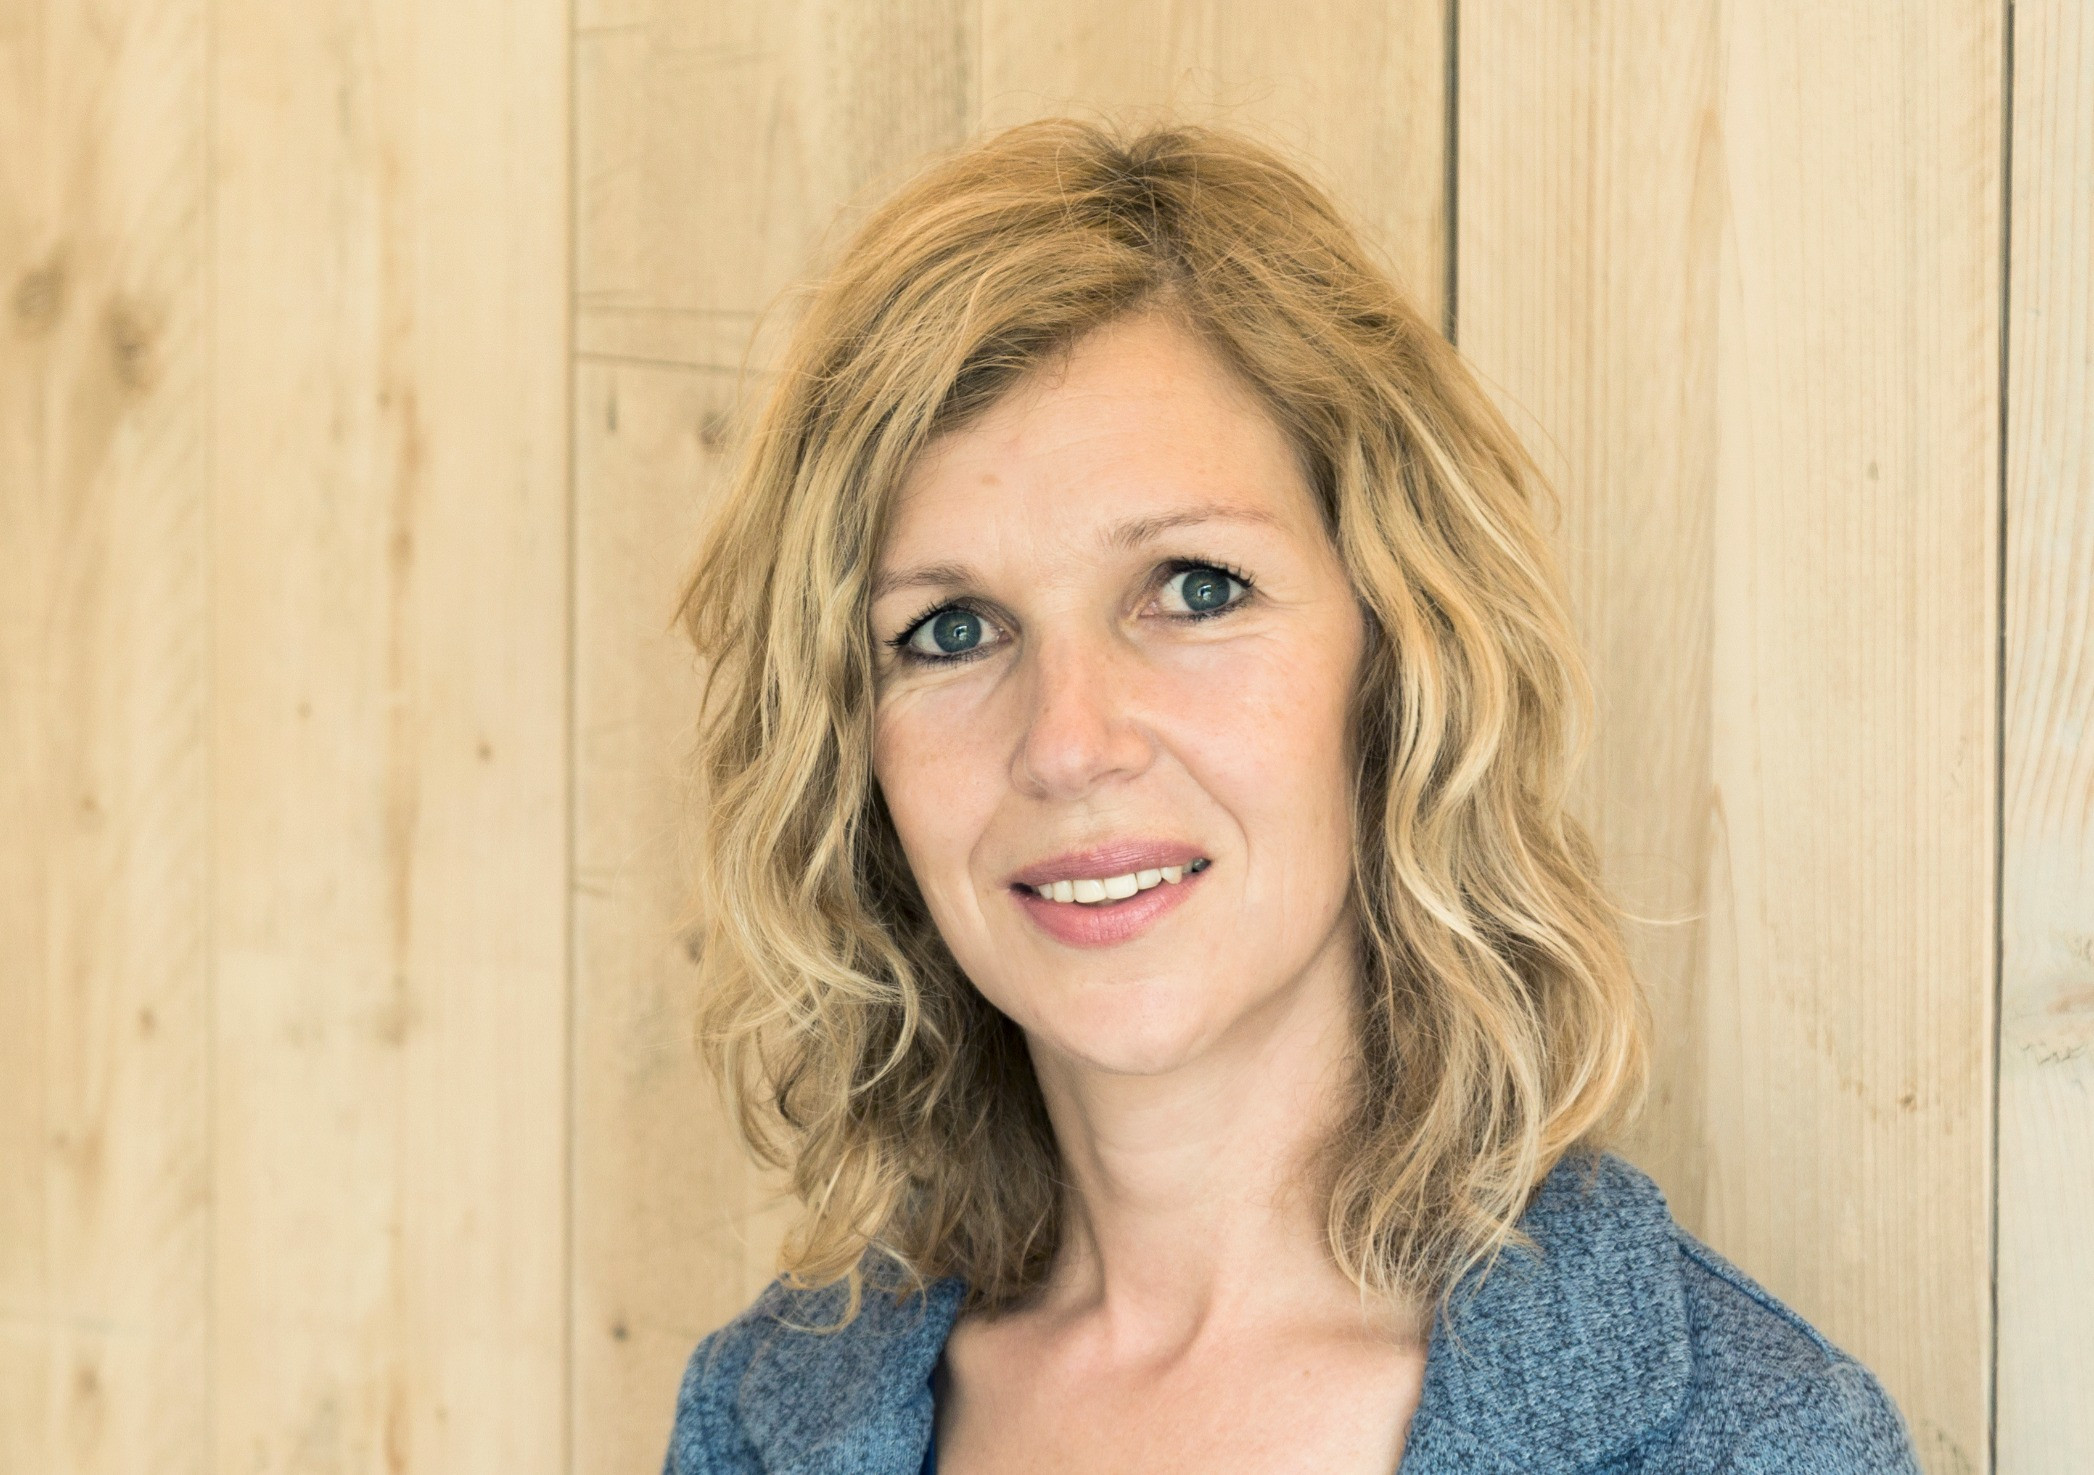 Katja Theuwis